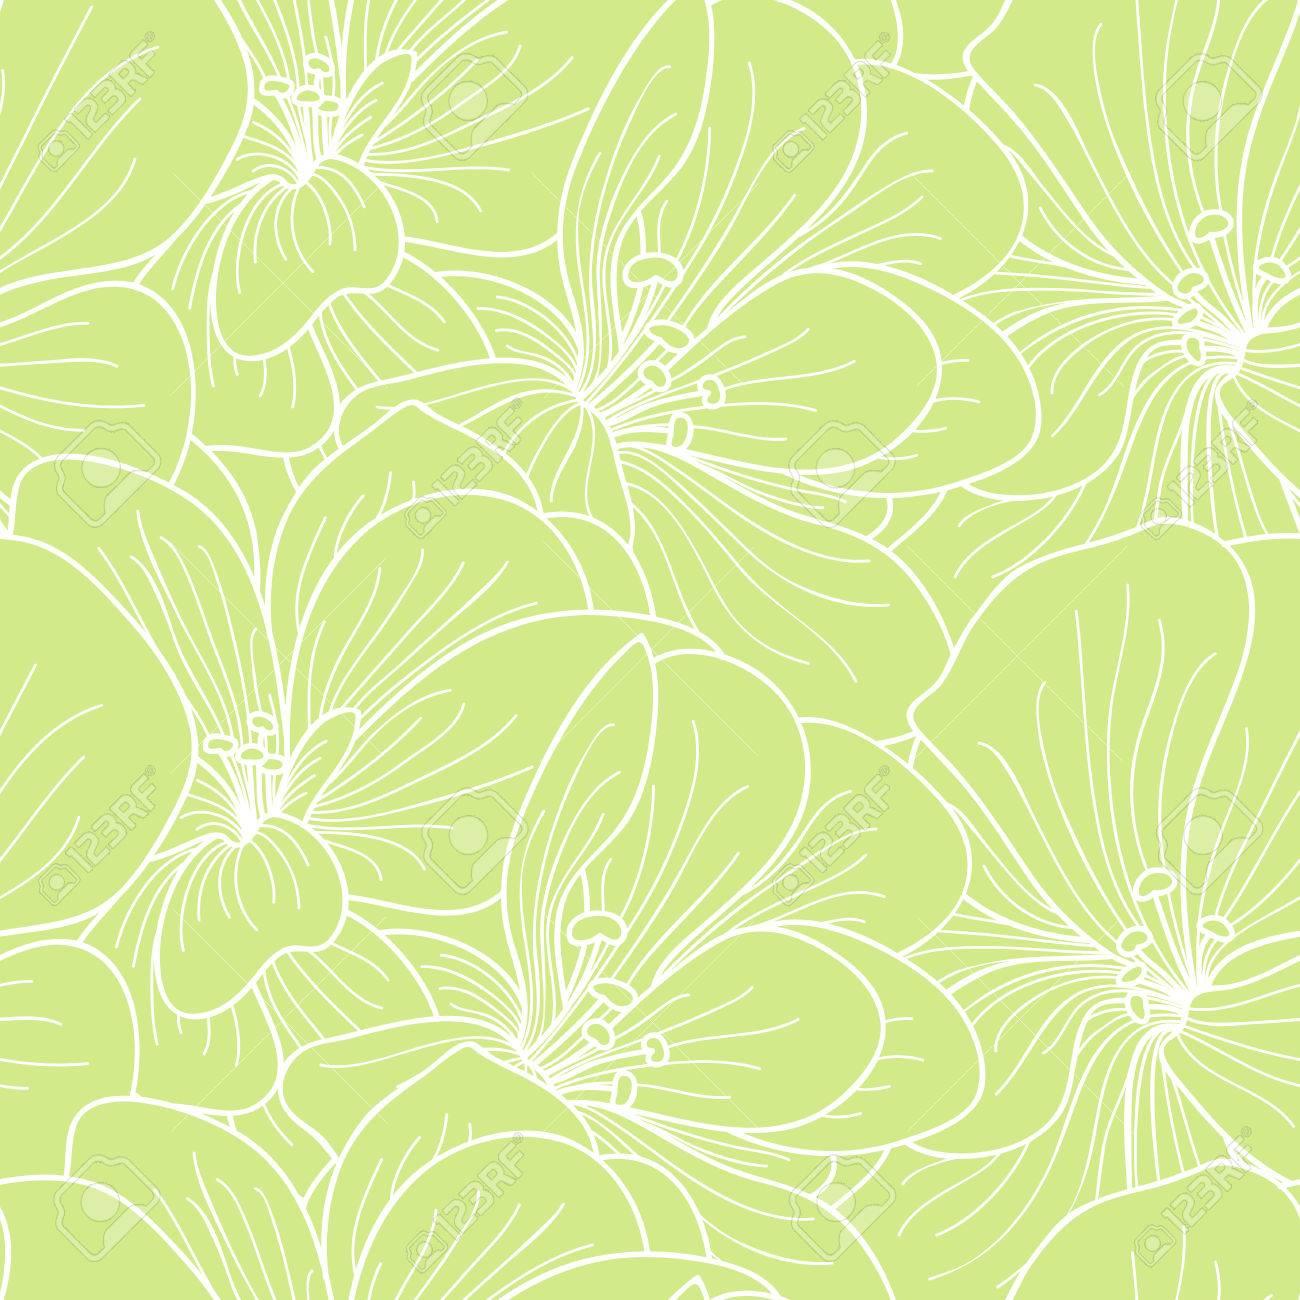 Flores Verdes Y Blancas Geranio Dibujo Lineal Patron Transparente